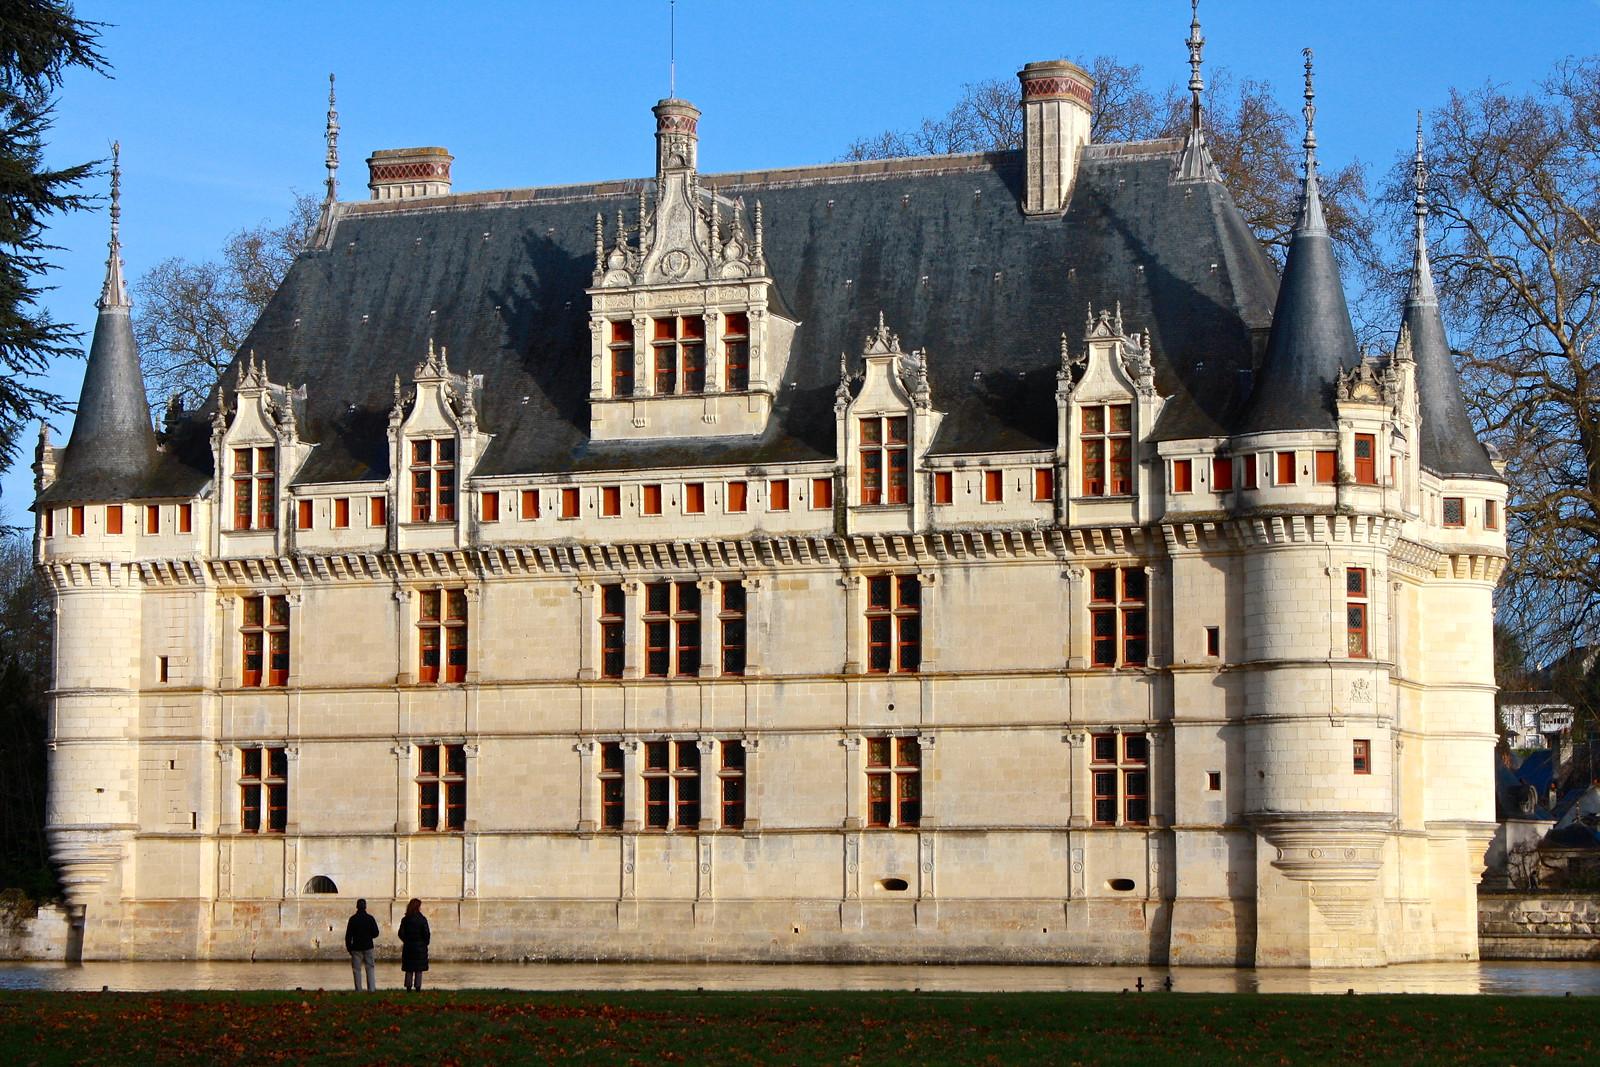 Château d'Azay-le-Rideau, France